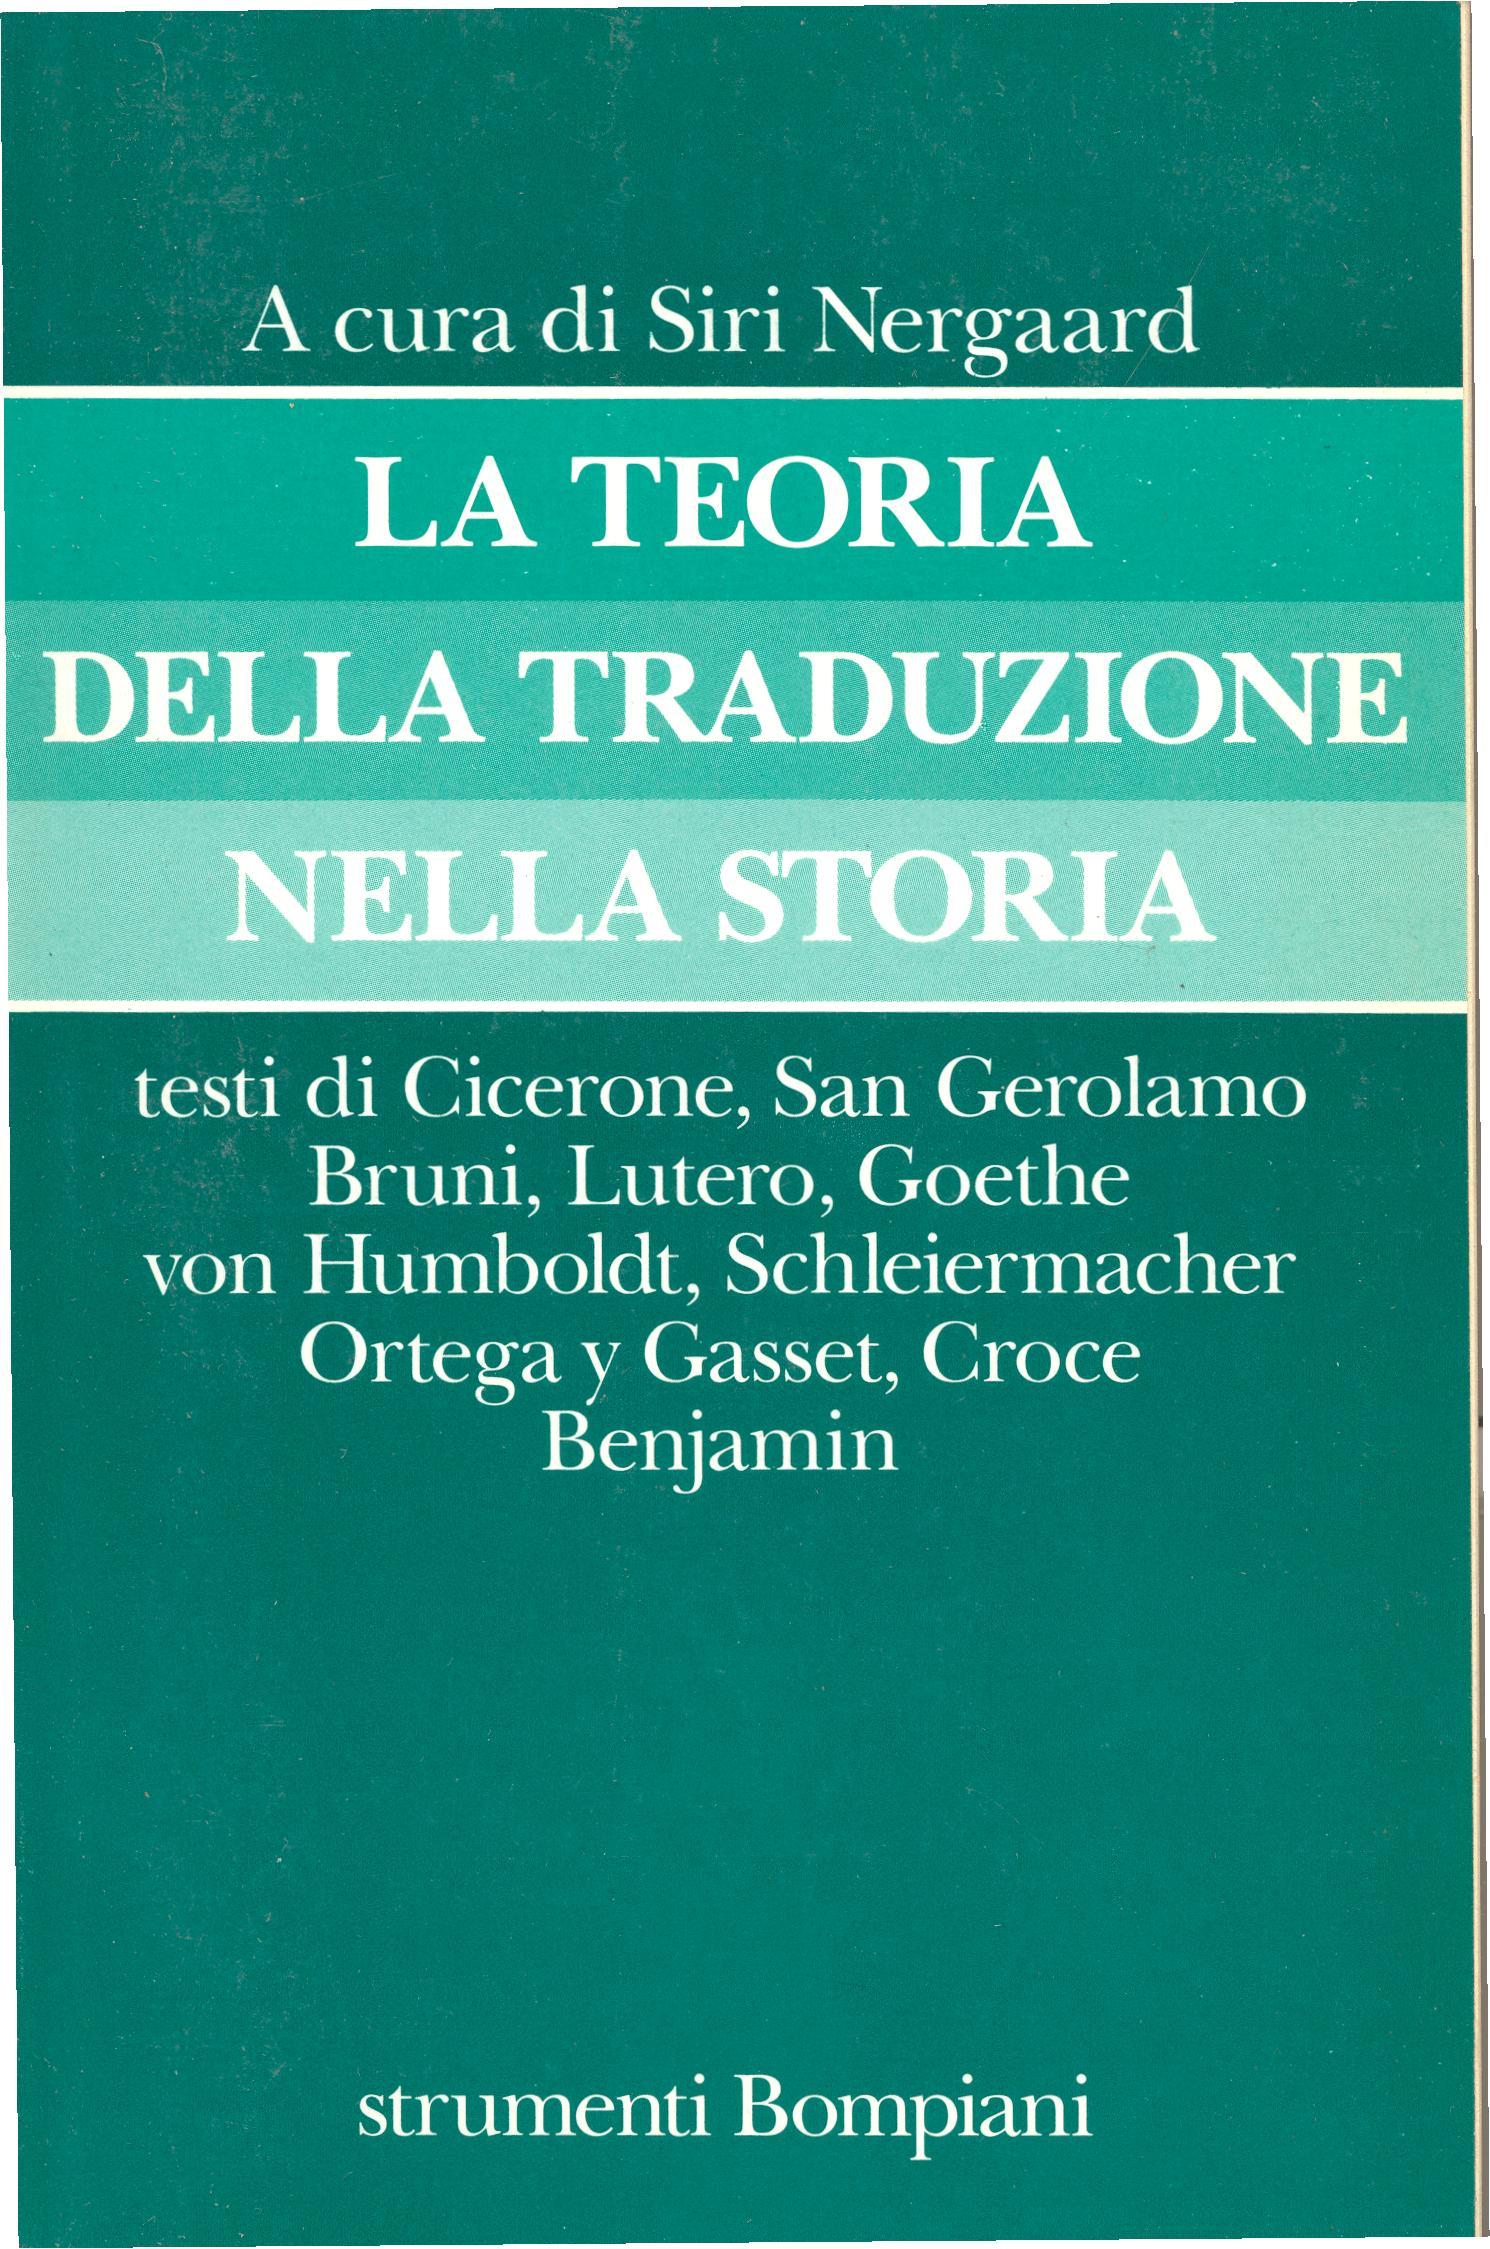 La teoria della traduzione nella storia